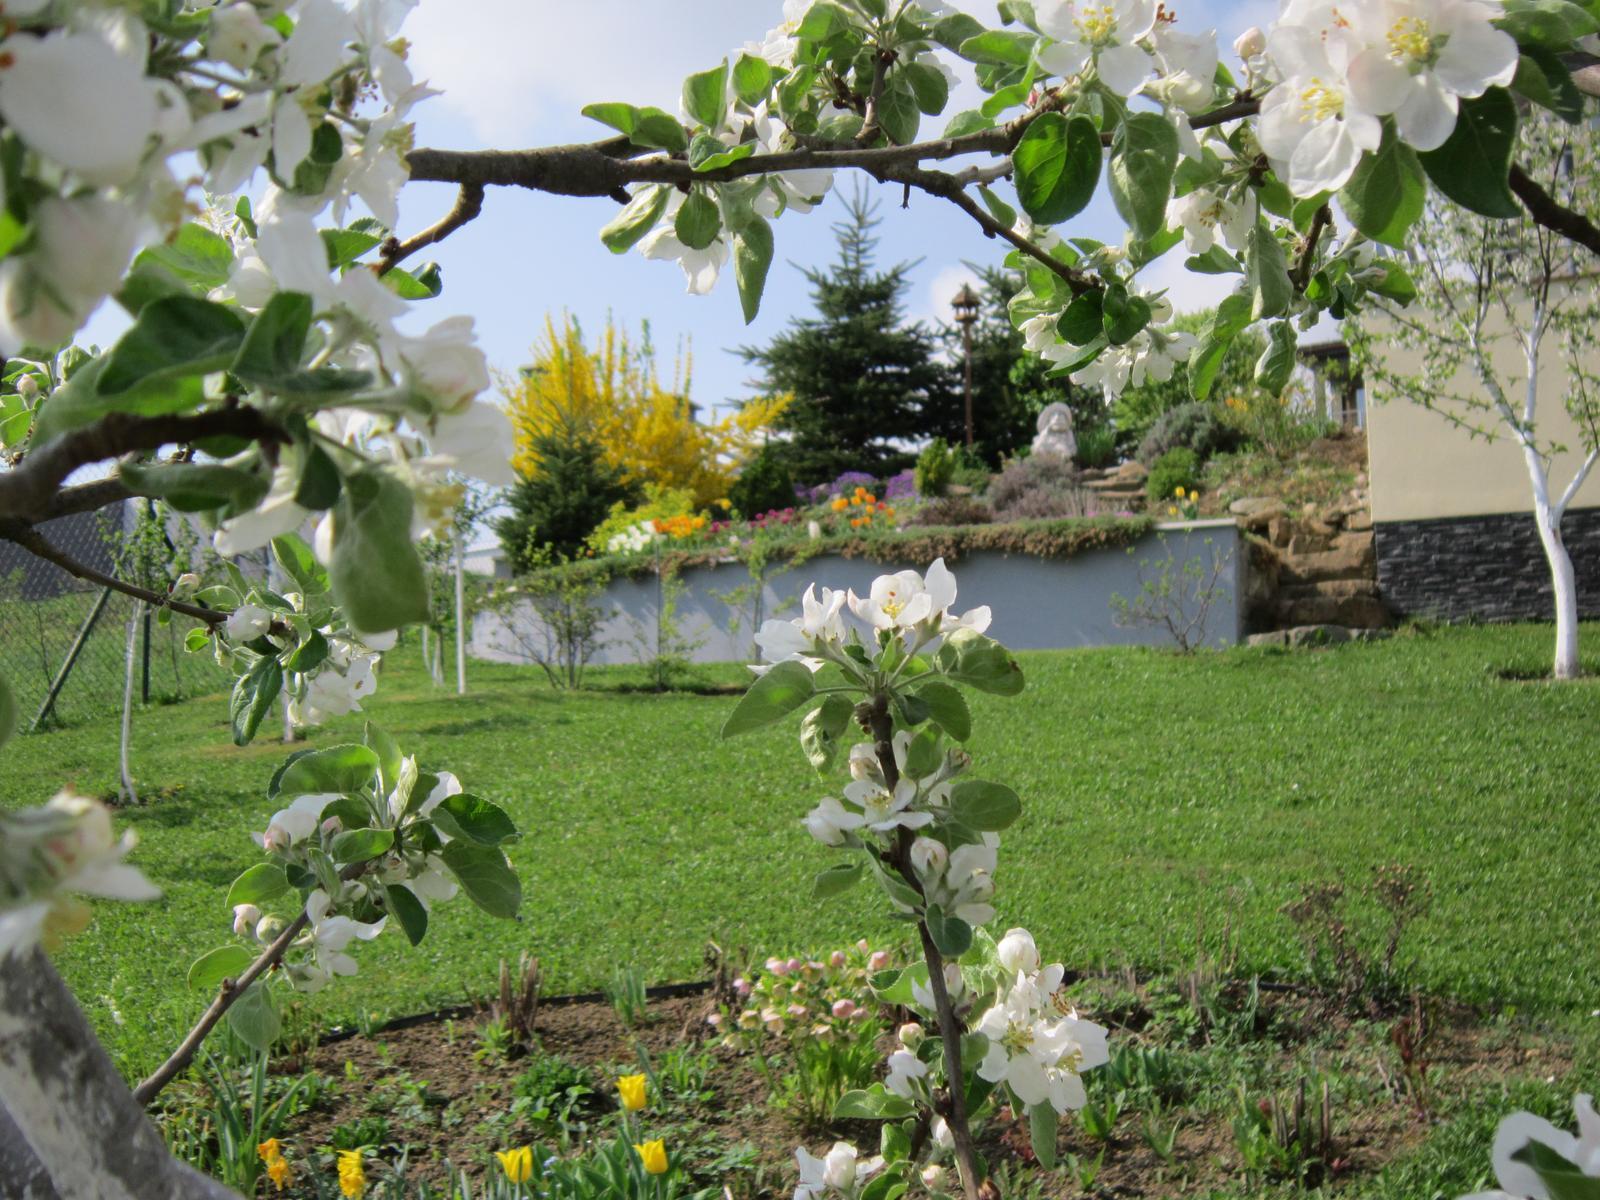 Pozvanie do našej jarnej záhrady - Obrázok č. 12